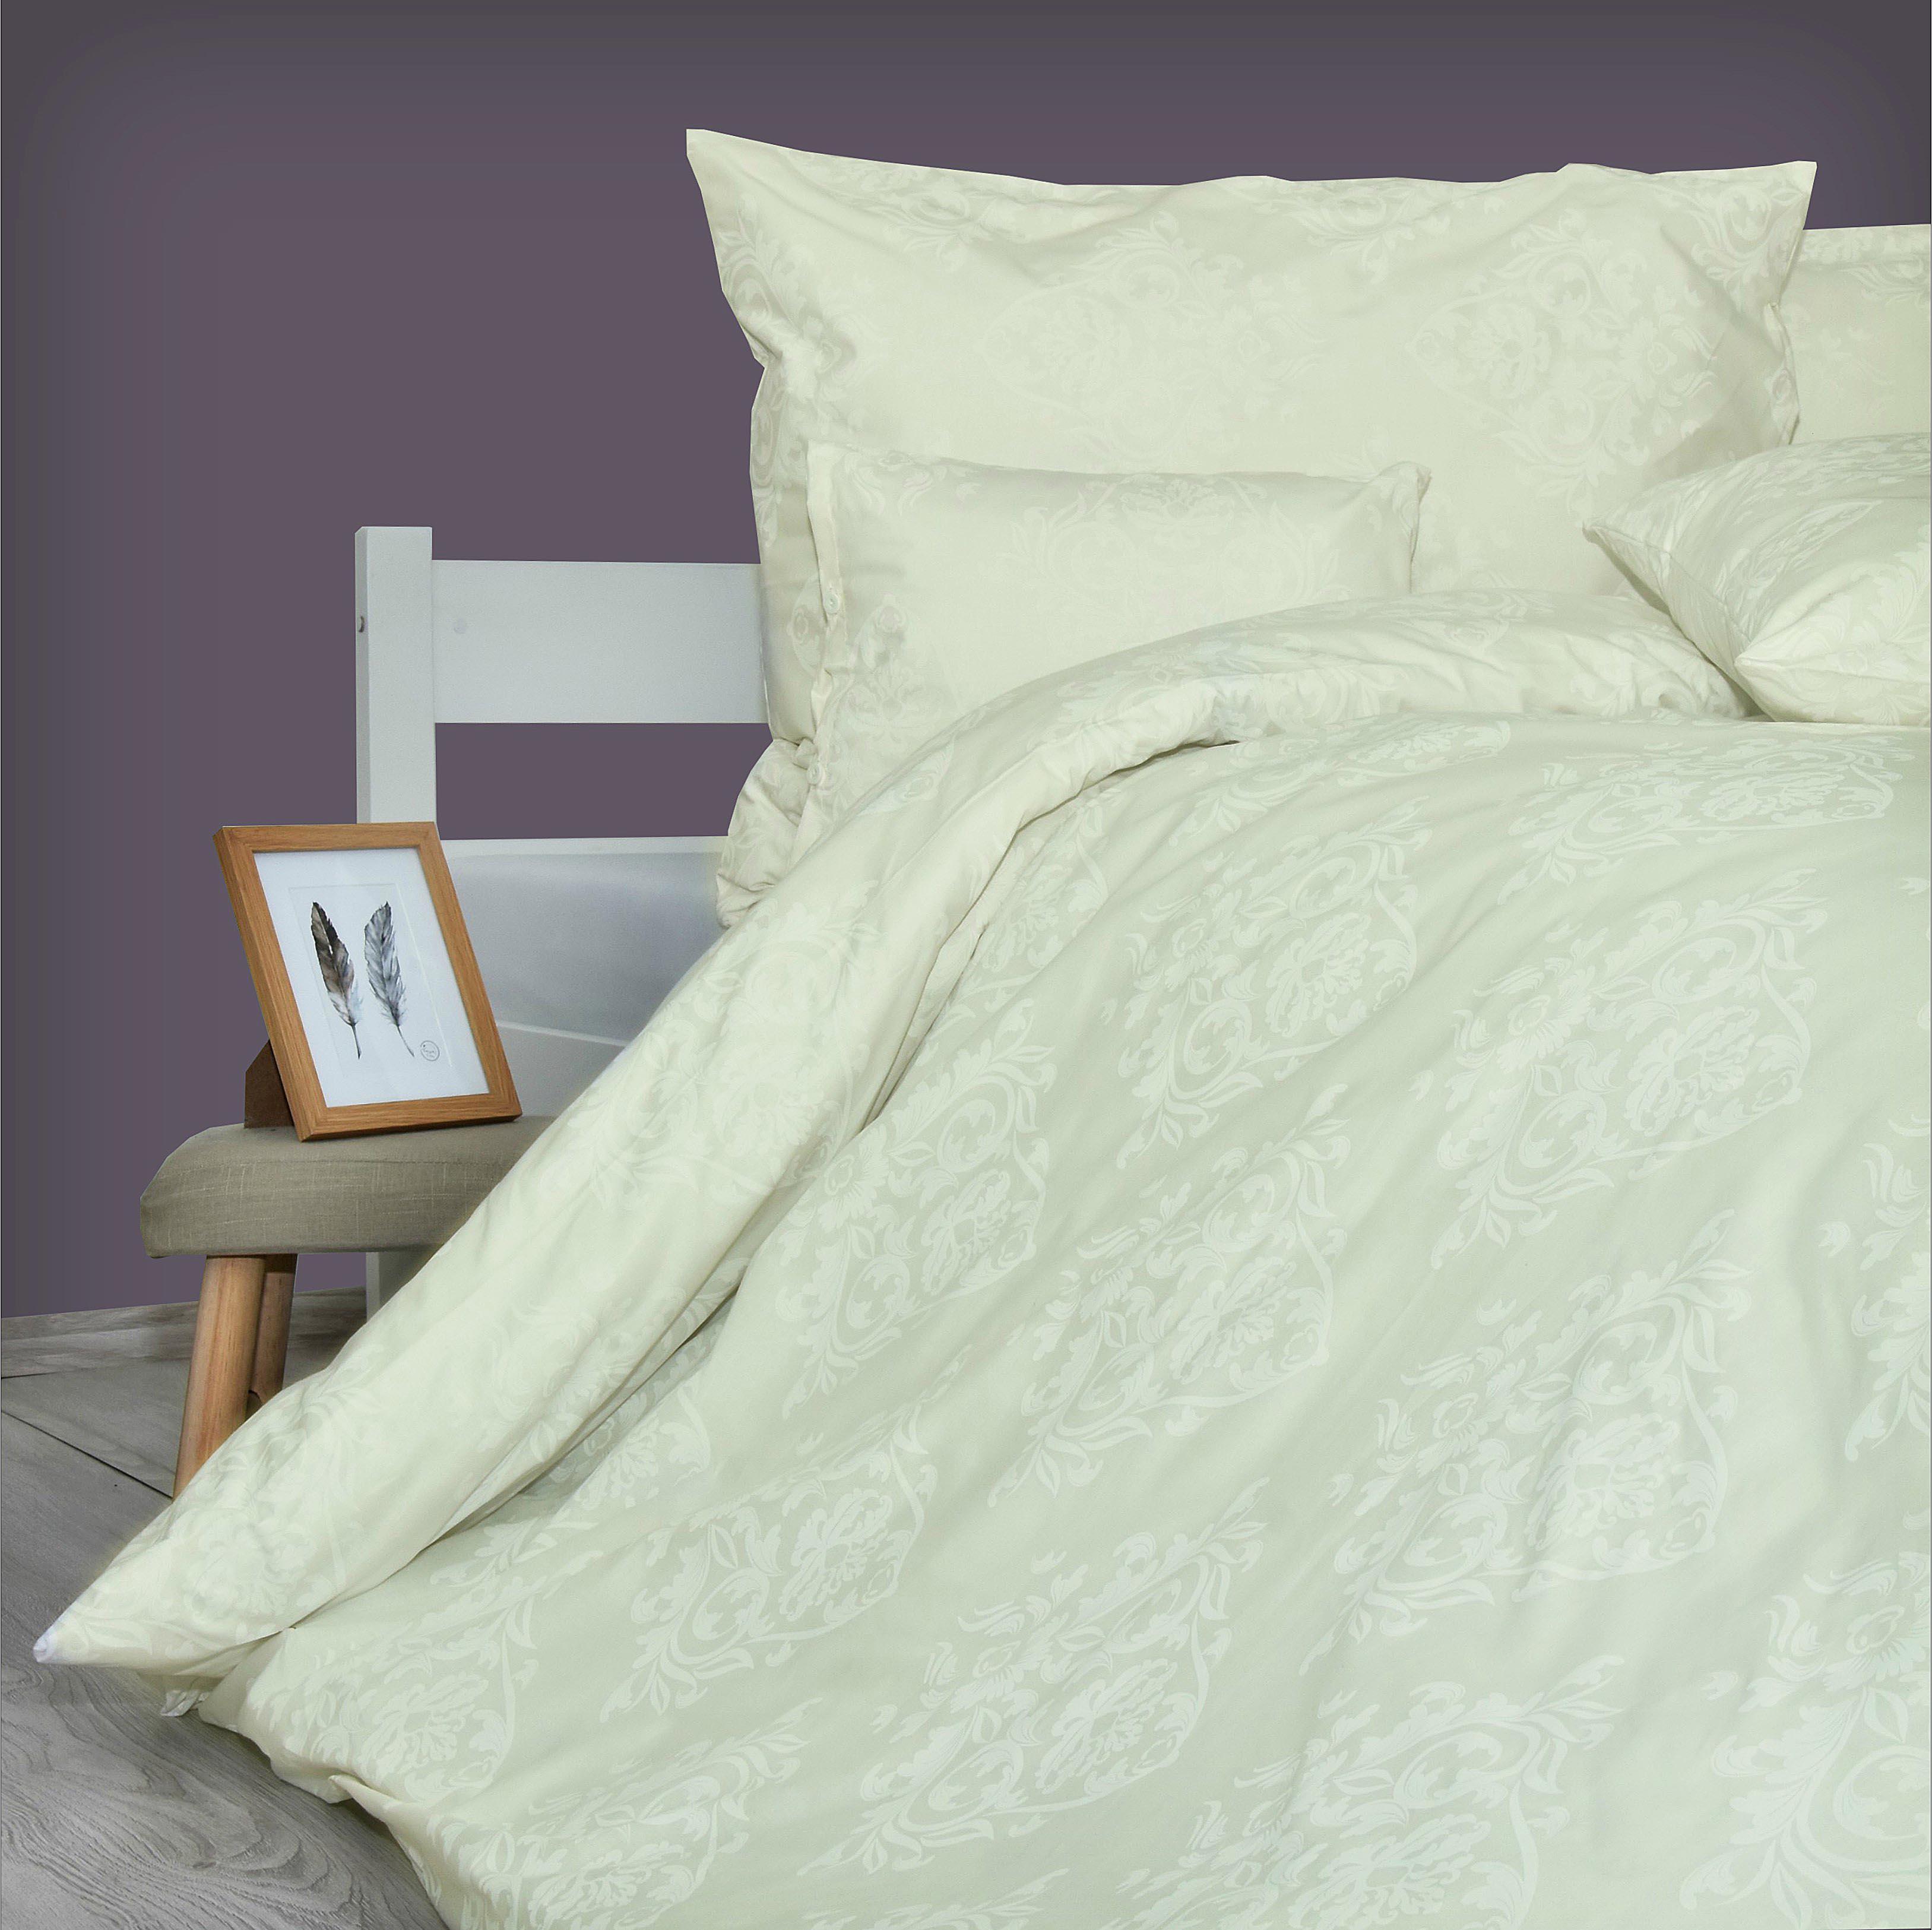 bavlnené obliečky biele